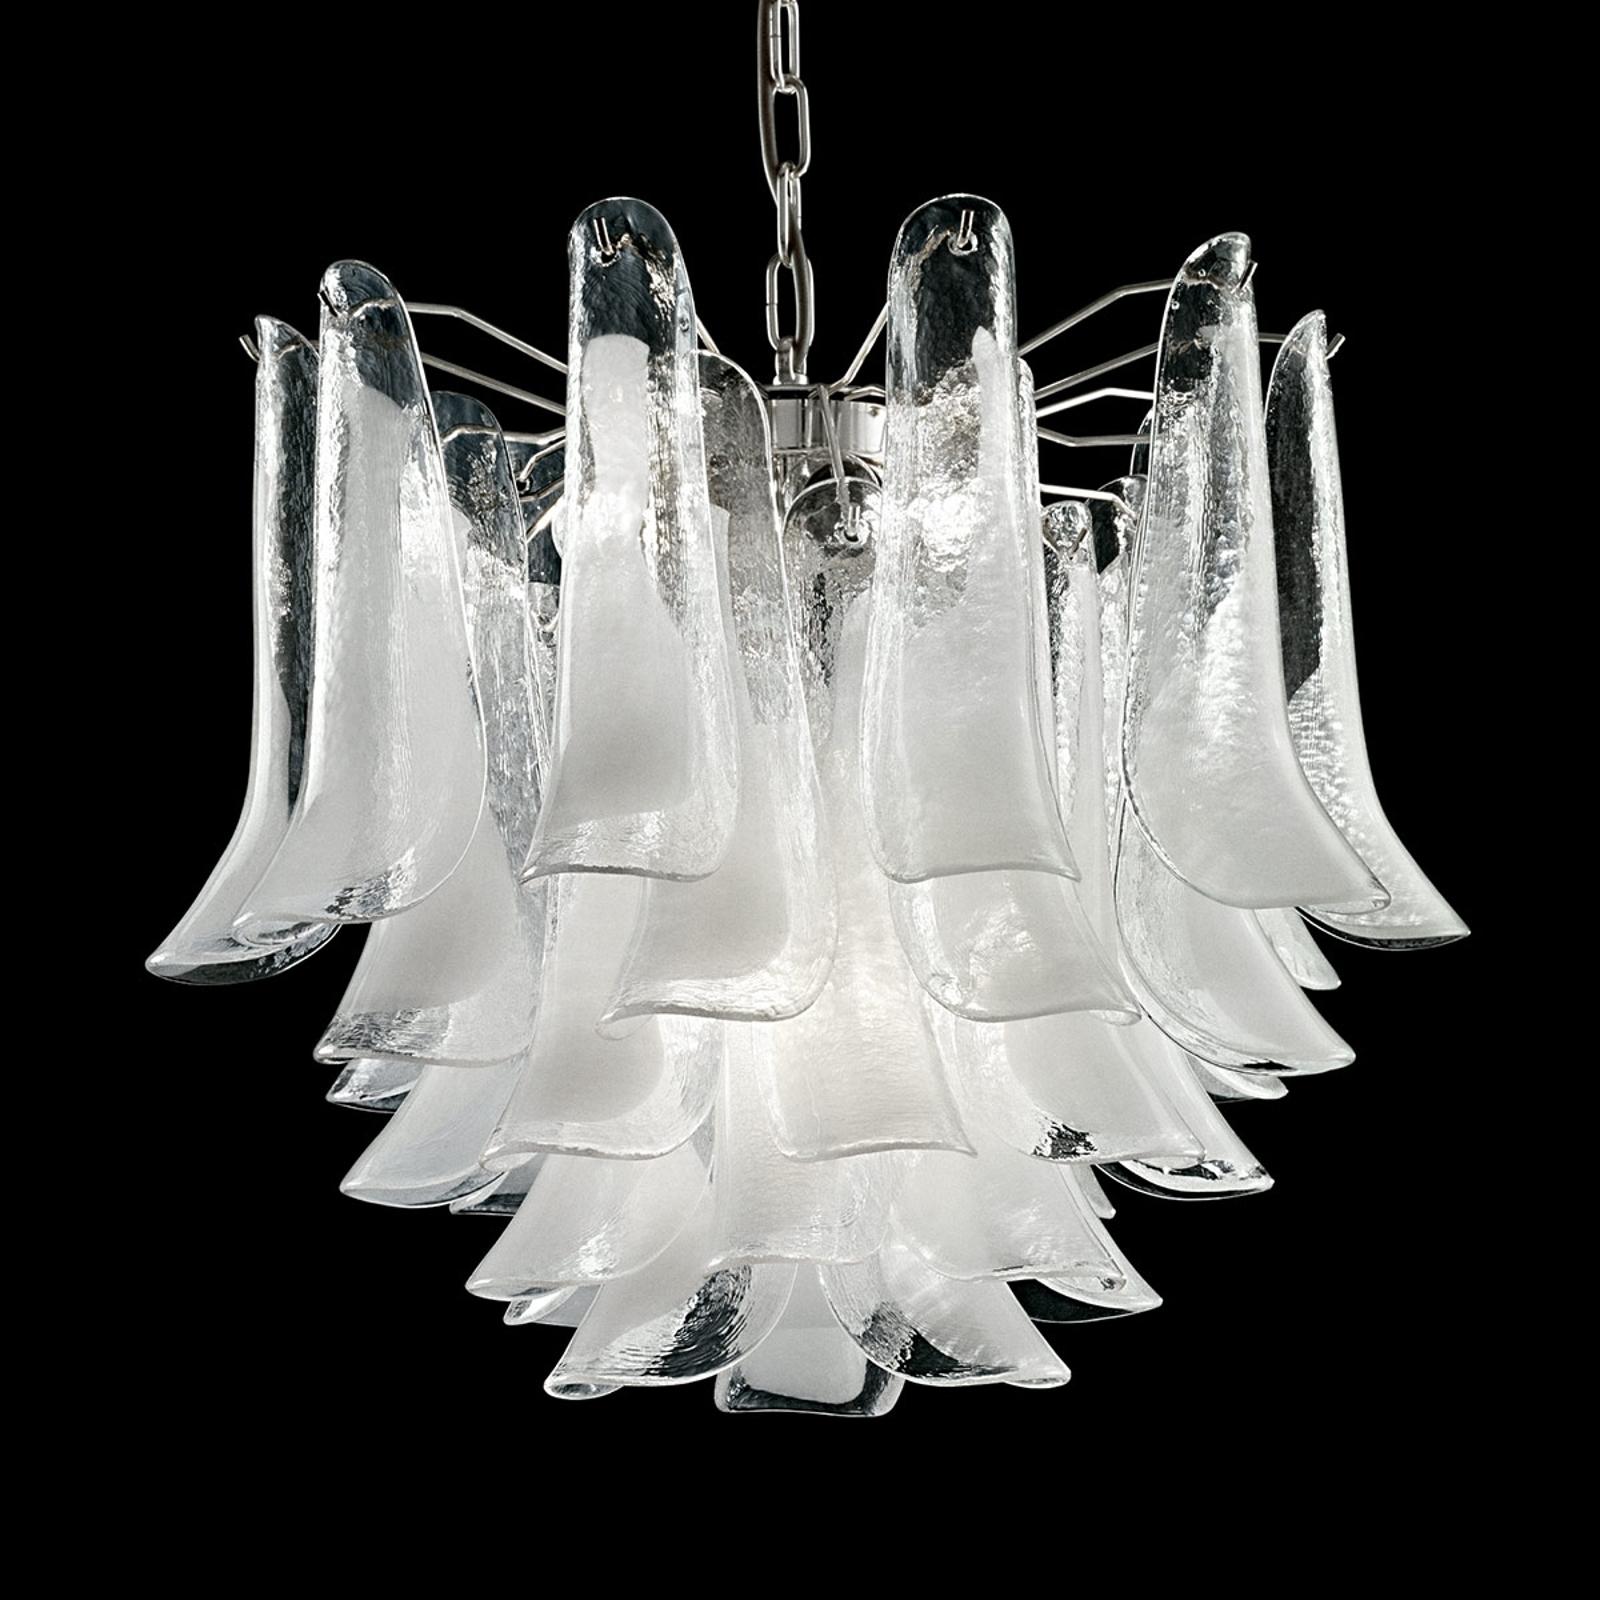 Lampa wisząca Tulipani ze szkła z Murano, 45 cm